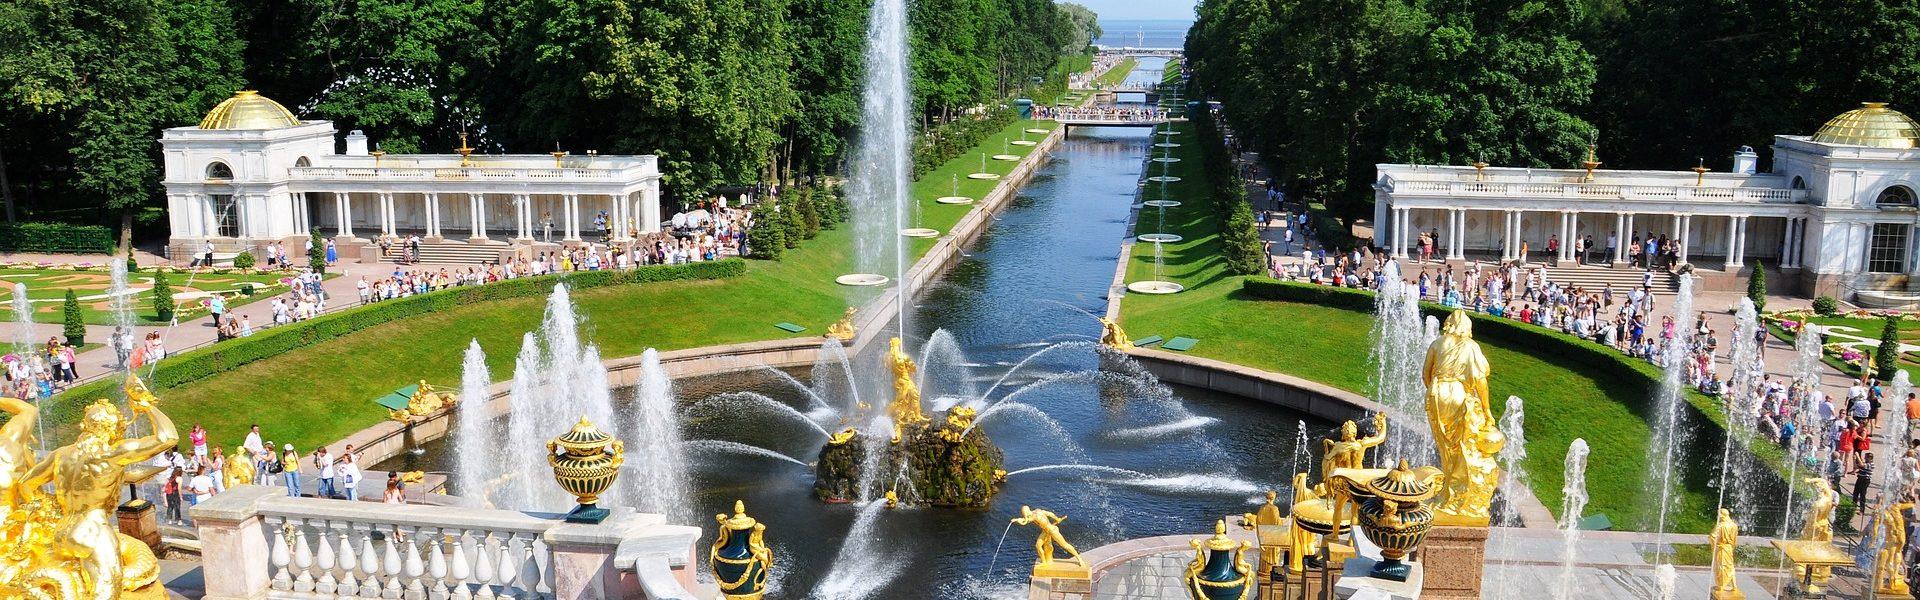 Russia – San Pietroburgo – Tour Senza Barriere nella Venezia del Nord